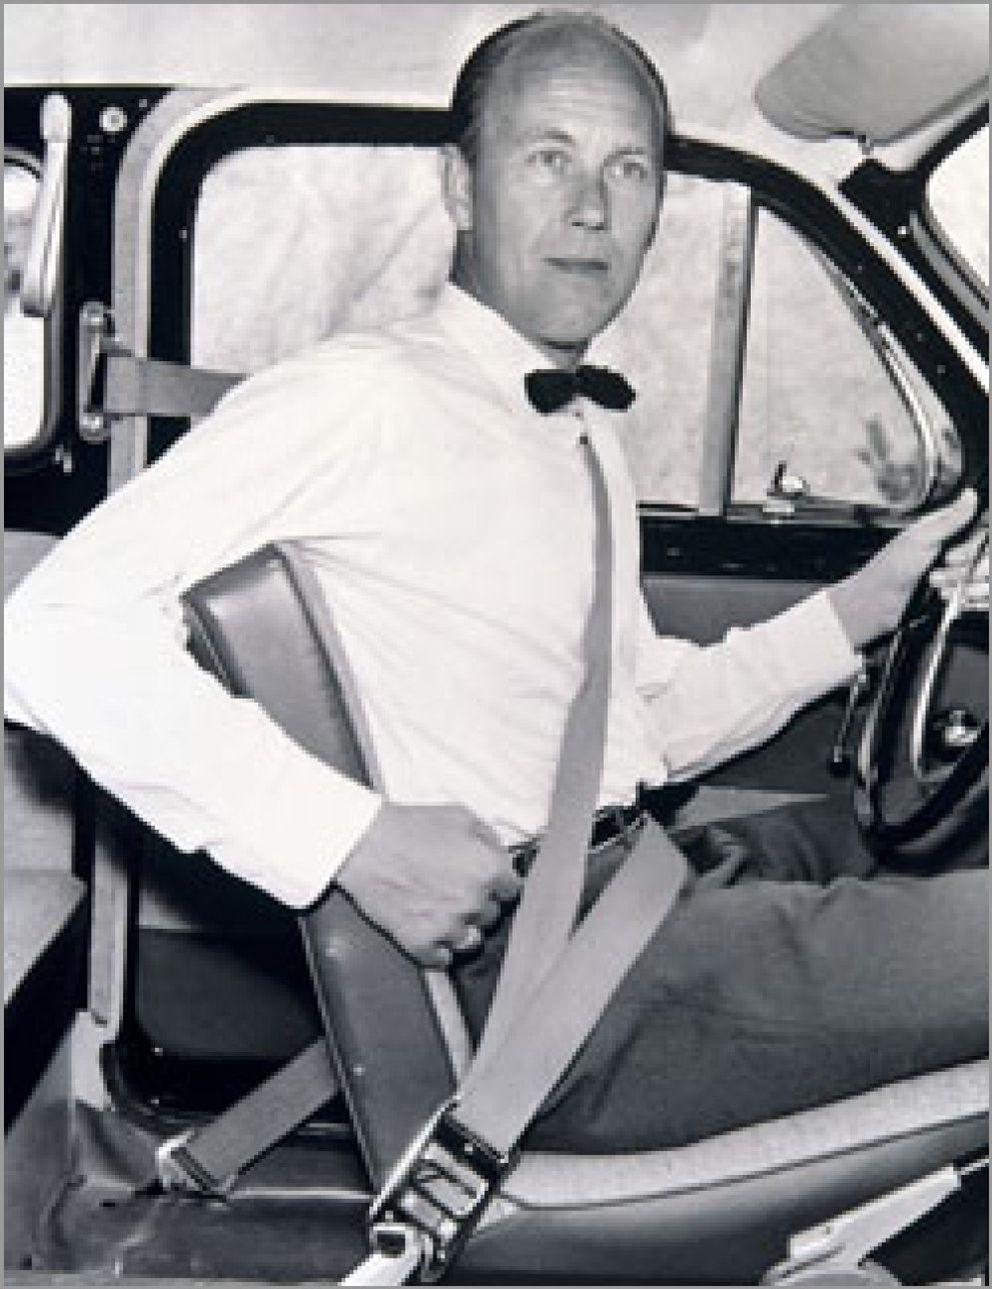 Foto: Usar el cinturón de seguridad en plazas traseras, asignatura pendiente en su 50 aniversario